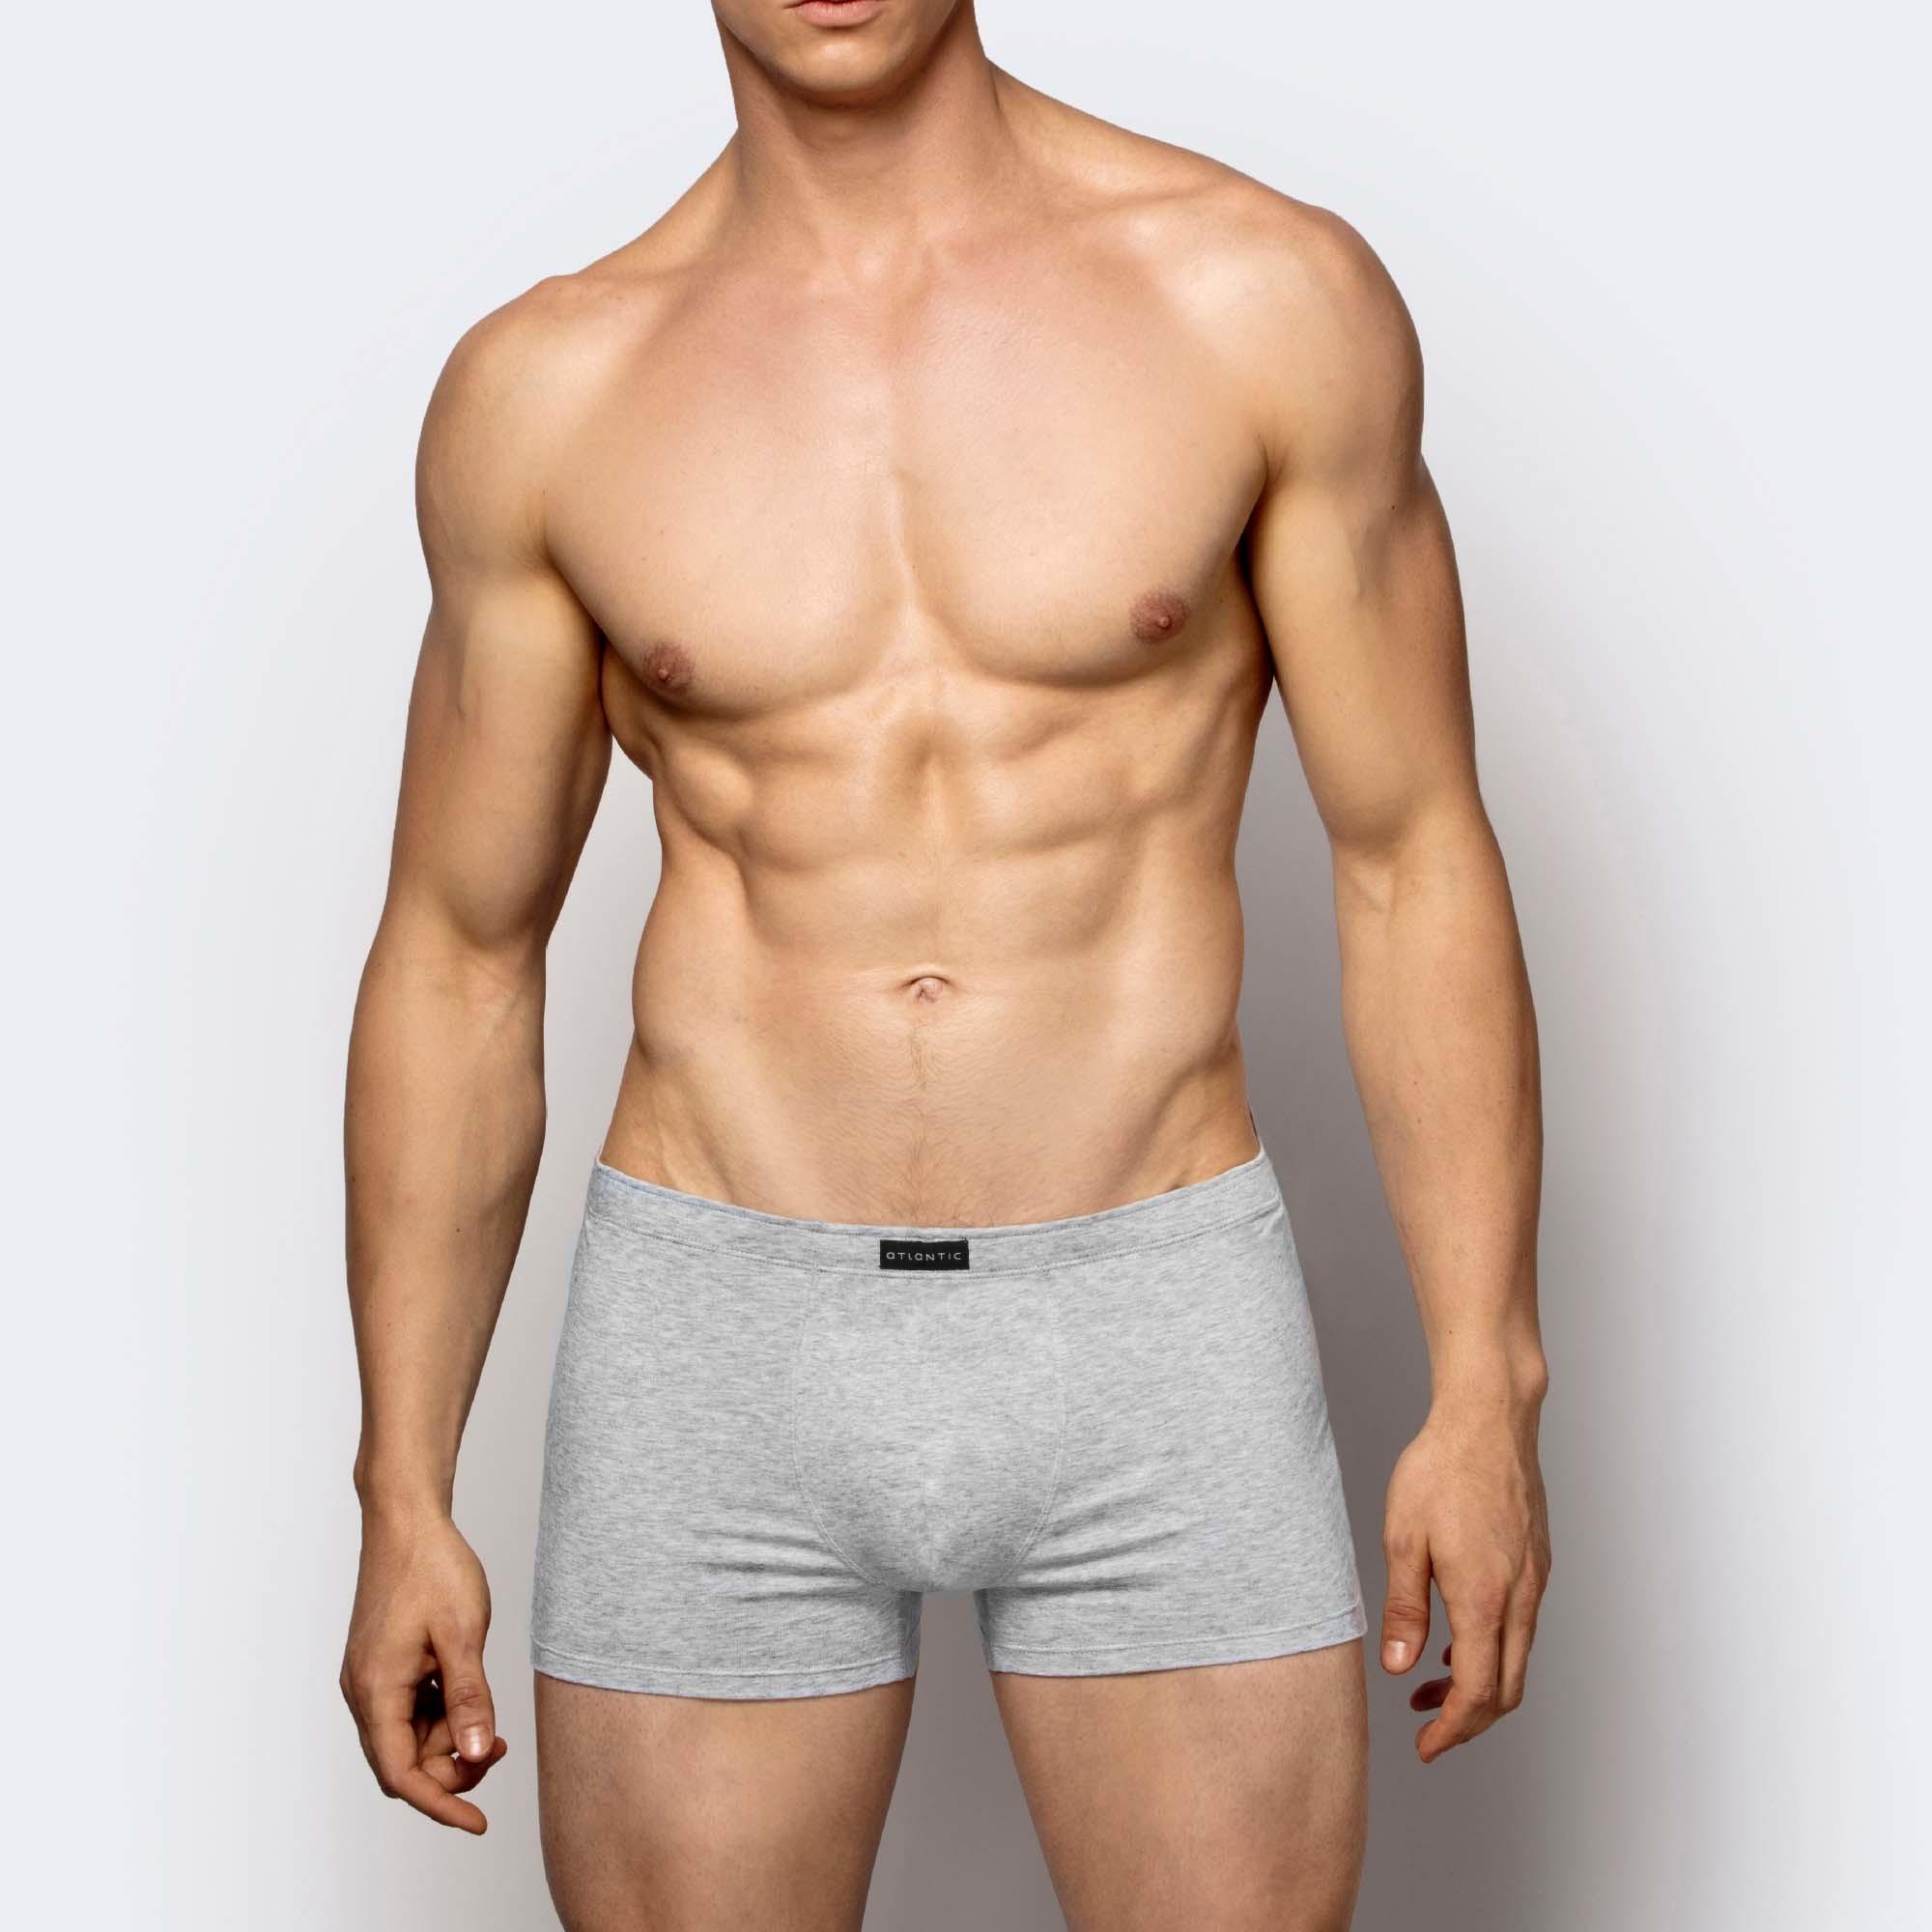 Трусы мужские шорты Basic BMH-007 хлопок